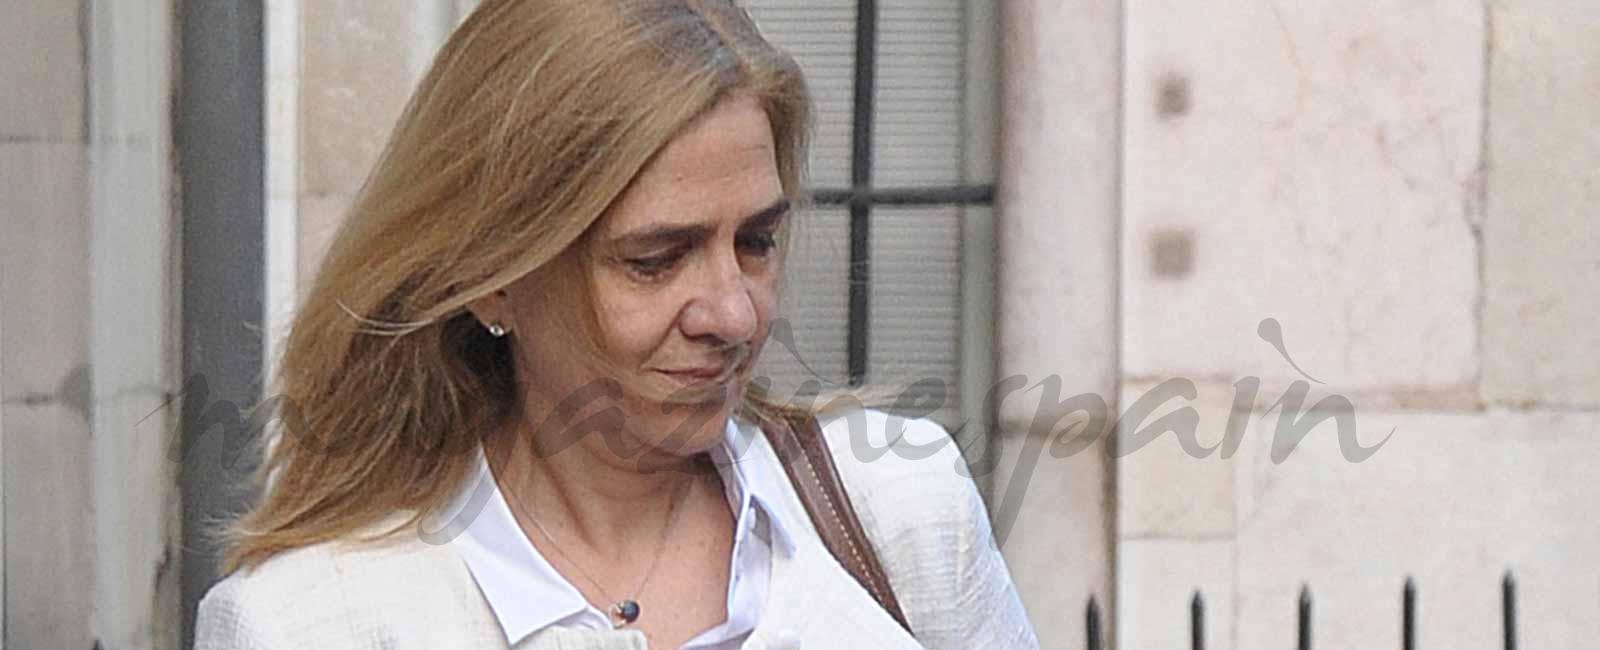 Primeras imágenes de la infanta Cristina tras conocerse la sentencia de cárcel de Iñaki Urdangarín